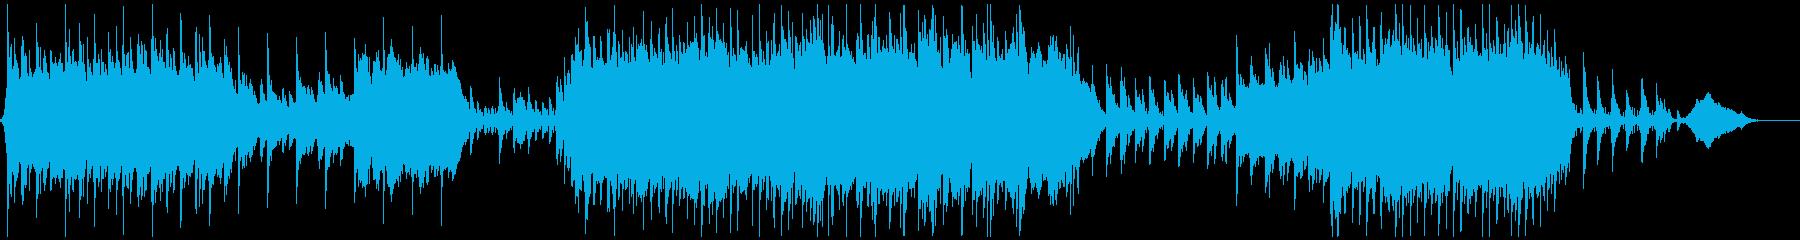 【メロなし】壮大で感動的な和風BGMの再生済みの波形